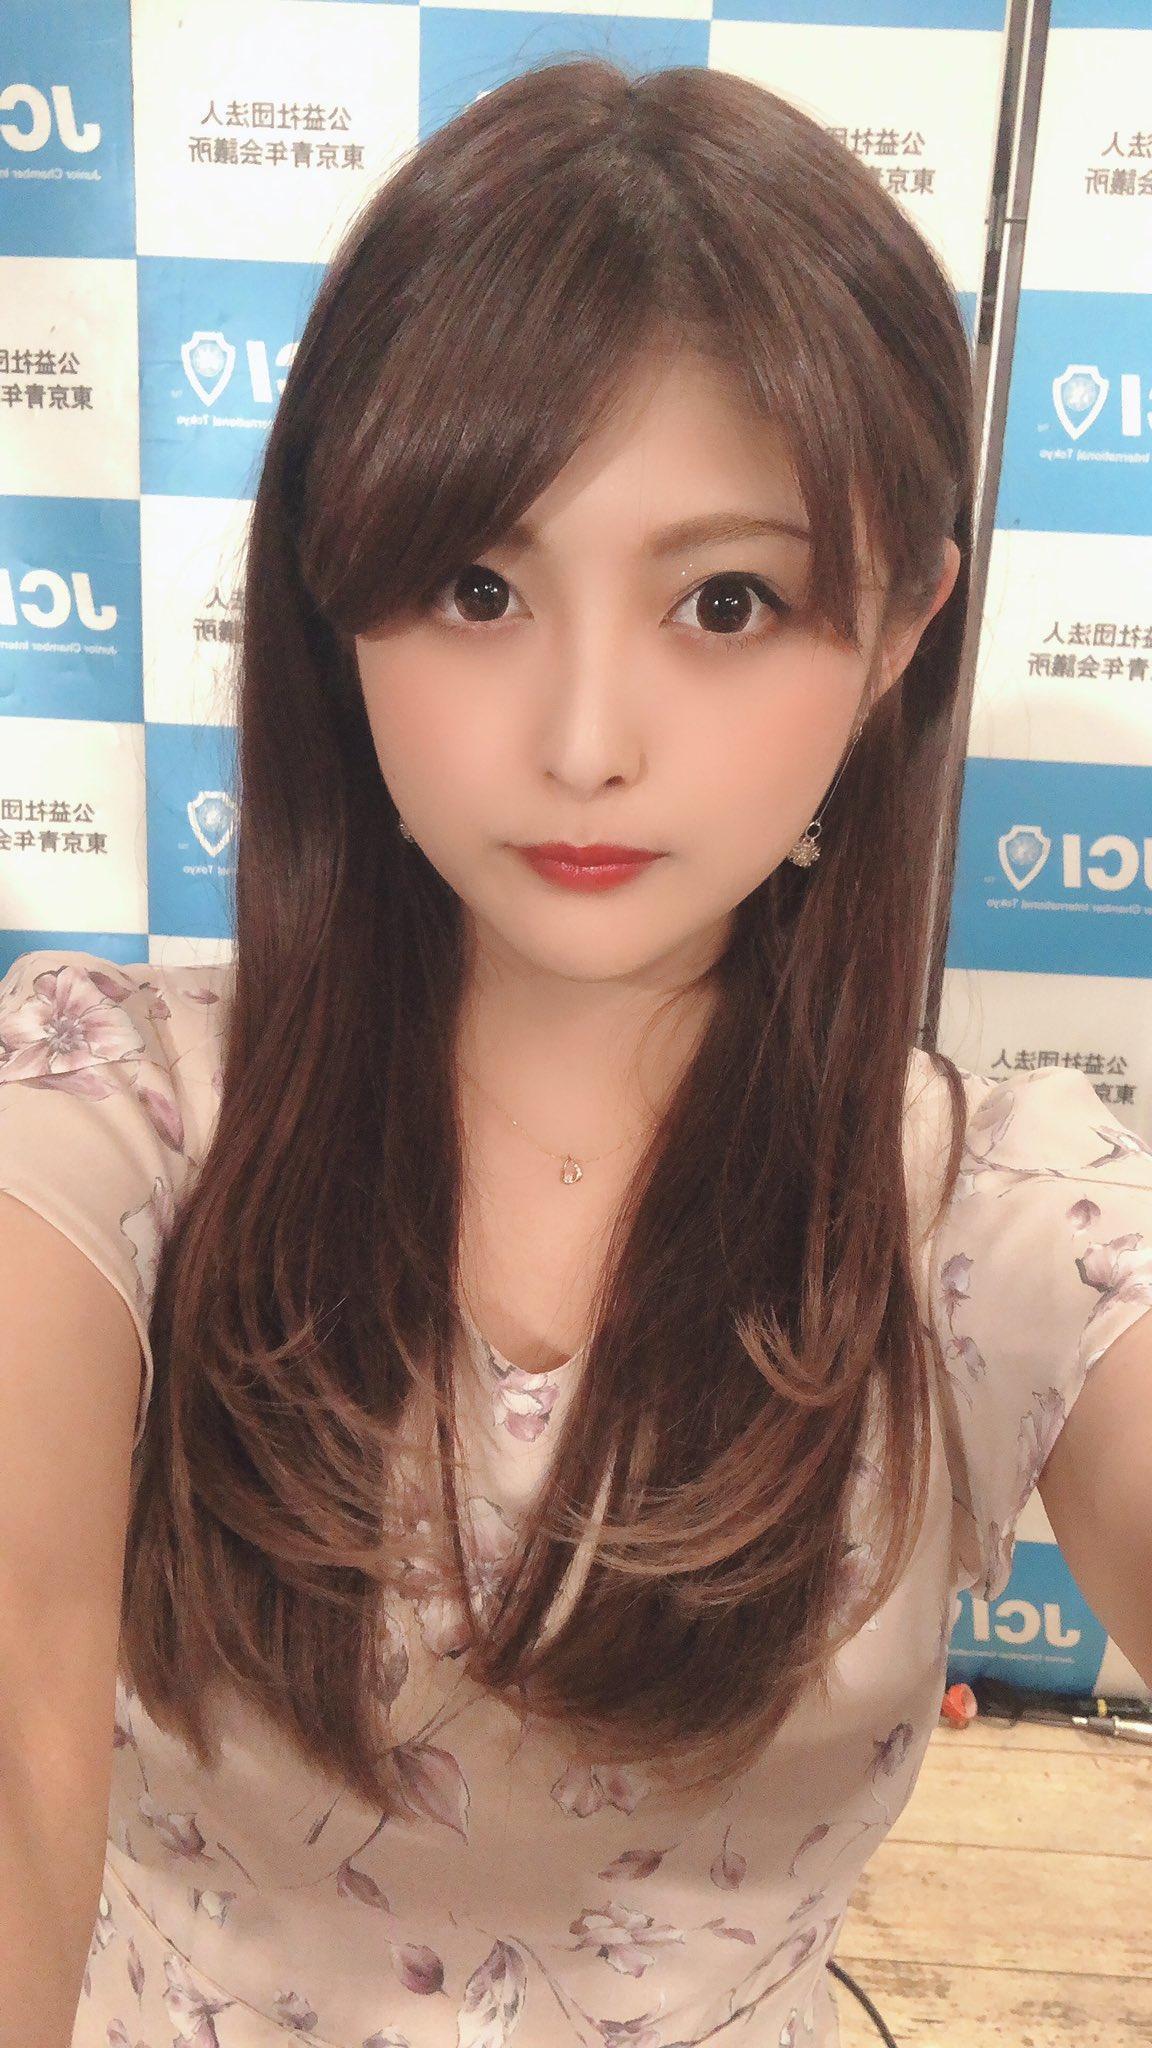 新藤加菜今年27歲,最近參加東京都北區都議員補選,要和其他4名女性候選人爭取1個席位。(翻攝自新藤加菜推特)